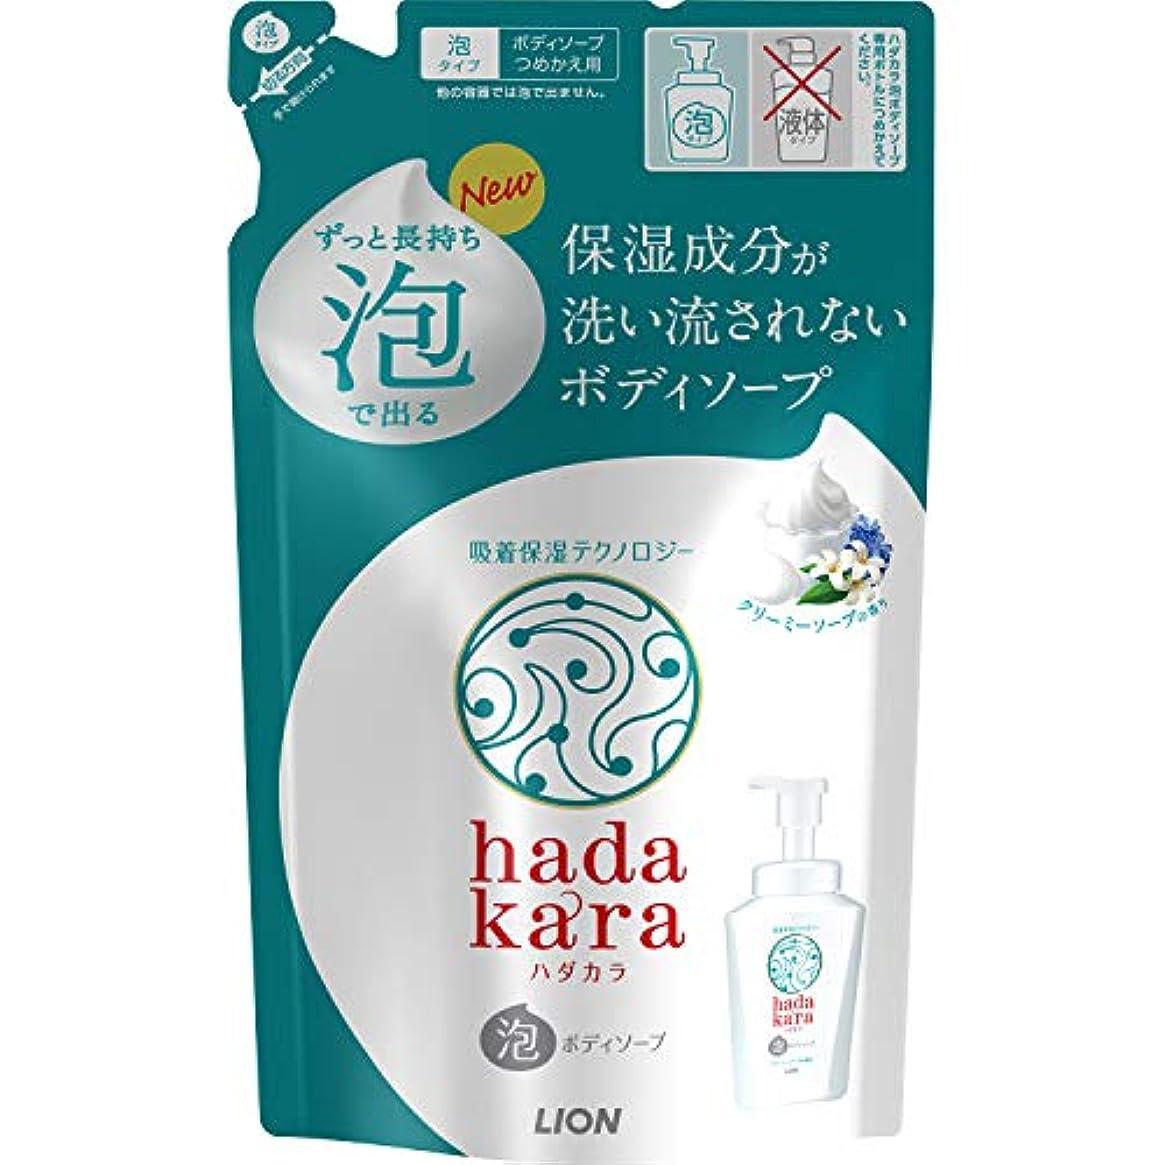 殺す調べる雑種hadakara(ハダカラ) ボディソープ 泡タイプ クリーミーソープの香り 詰替440ml